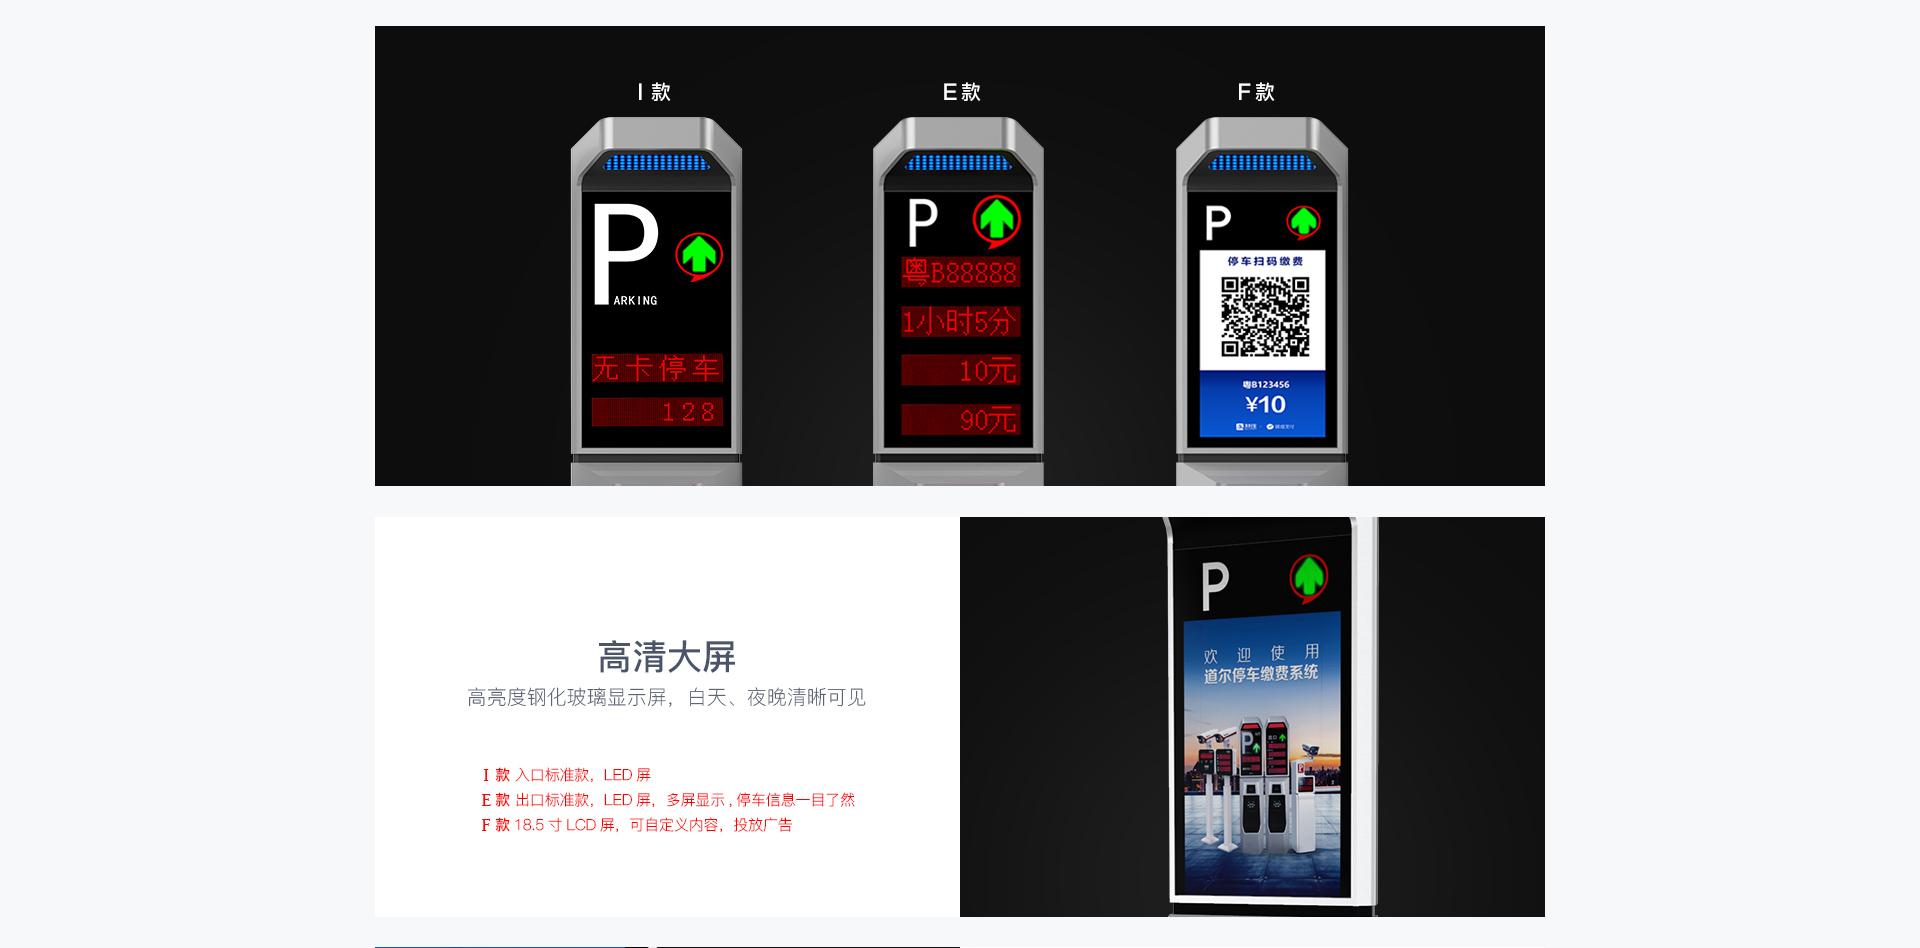 循系列Ⅱ型车牌识别系统